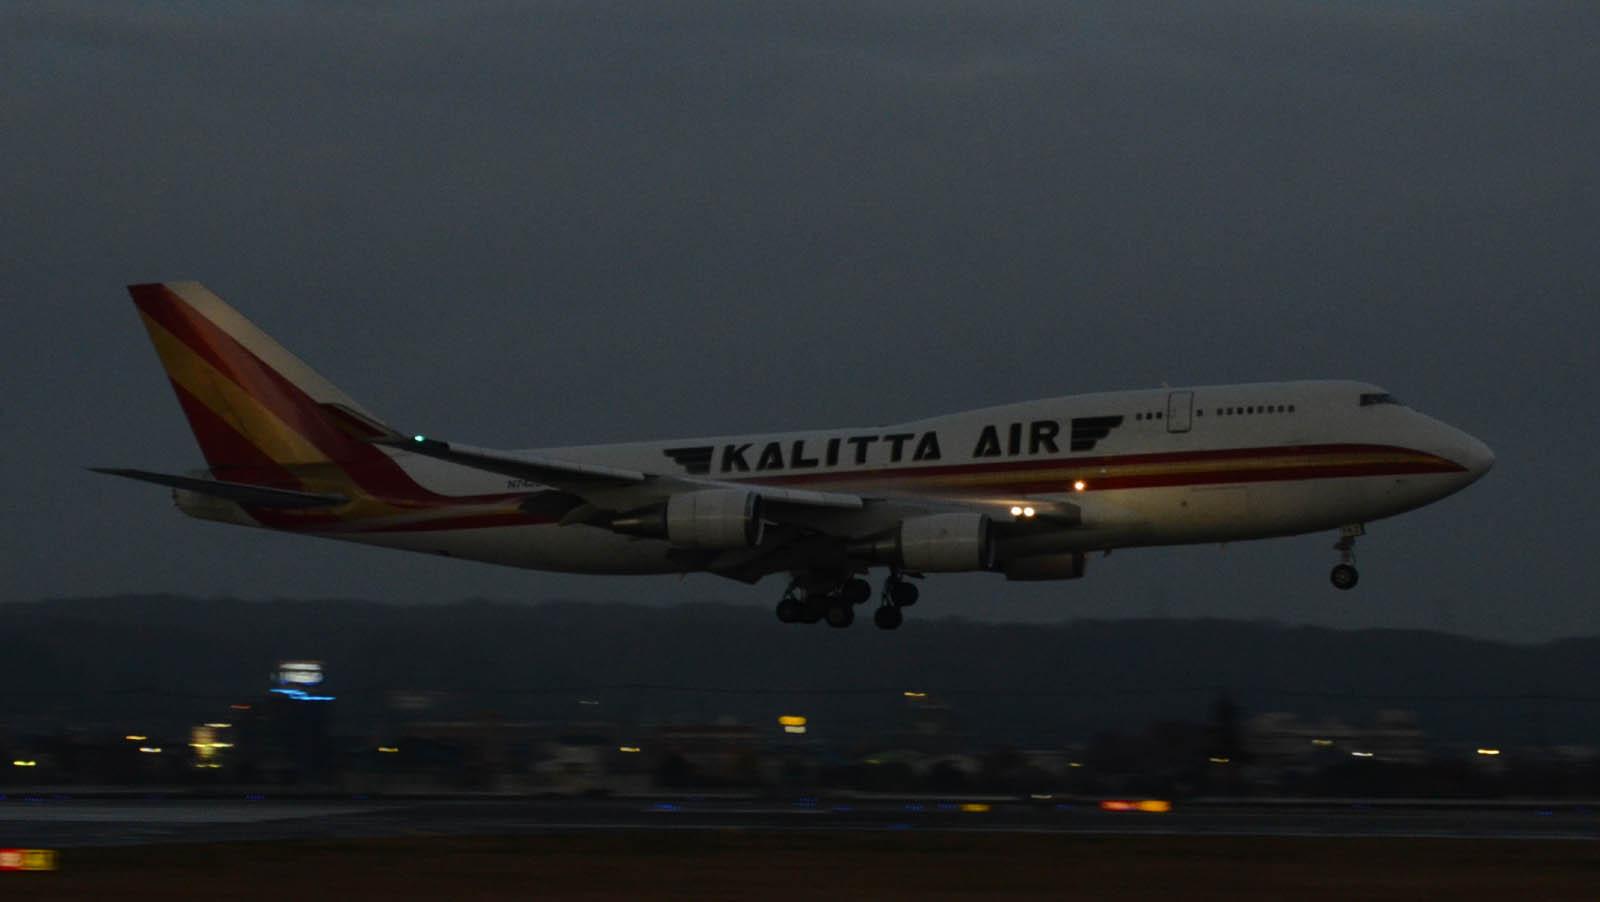 Kalitta141201g632